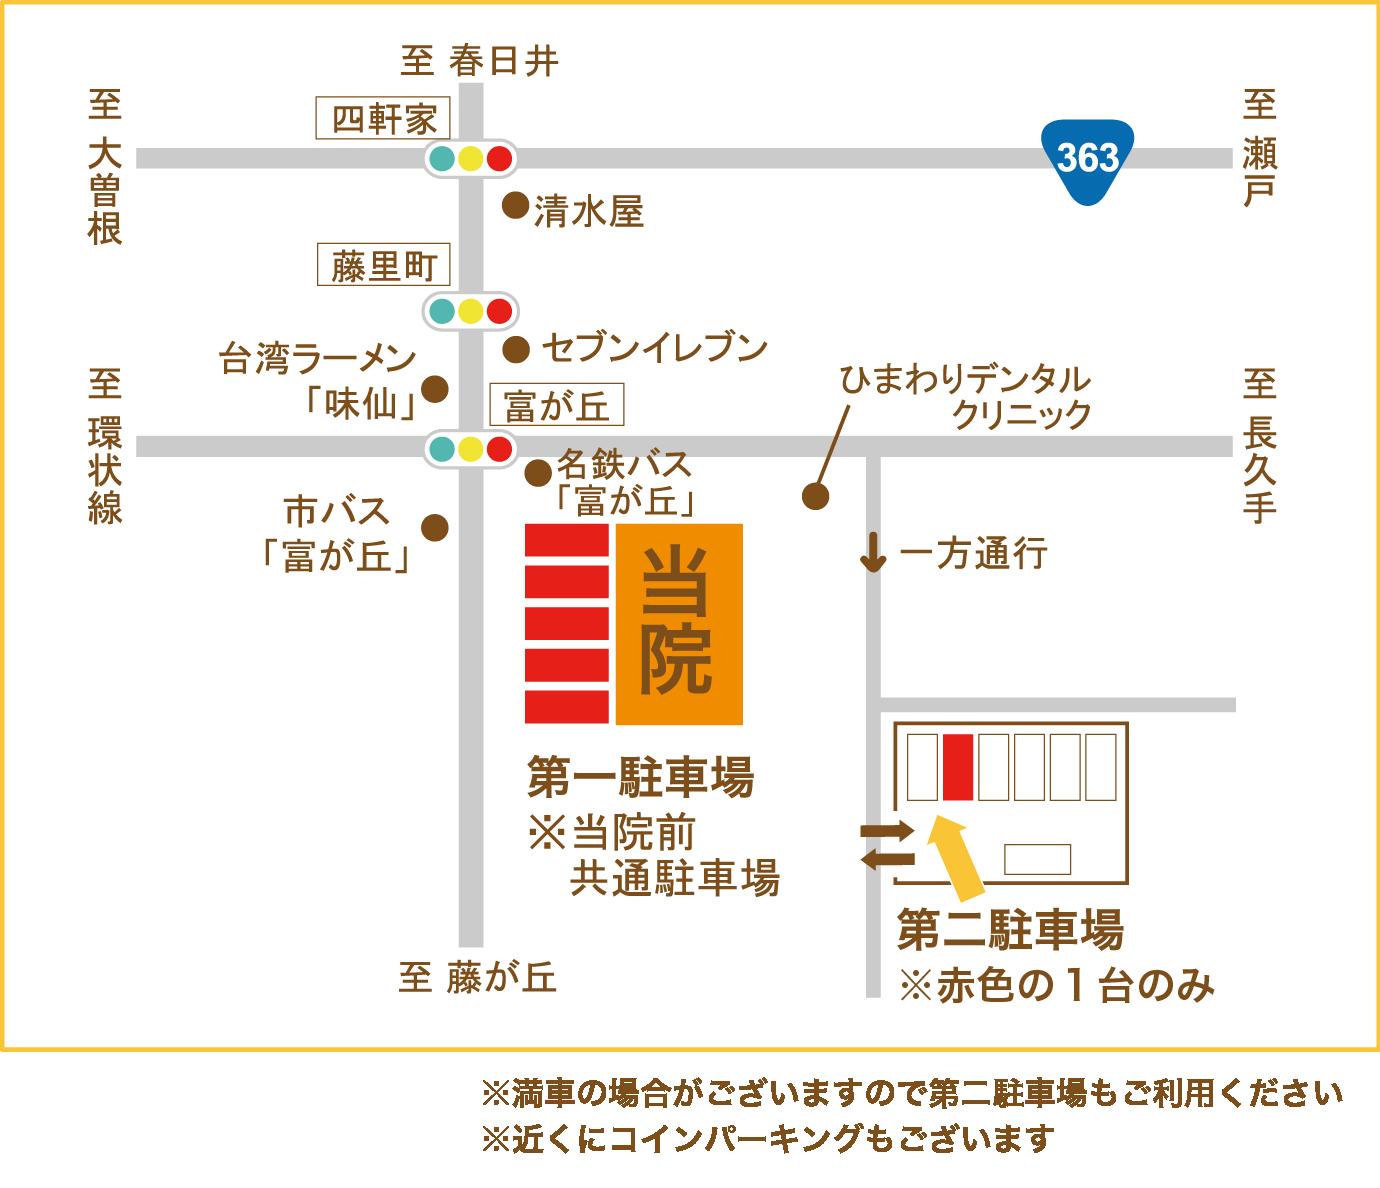 富ヶ丘マッサージさとう治療院 駐車場マップ